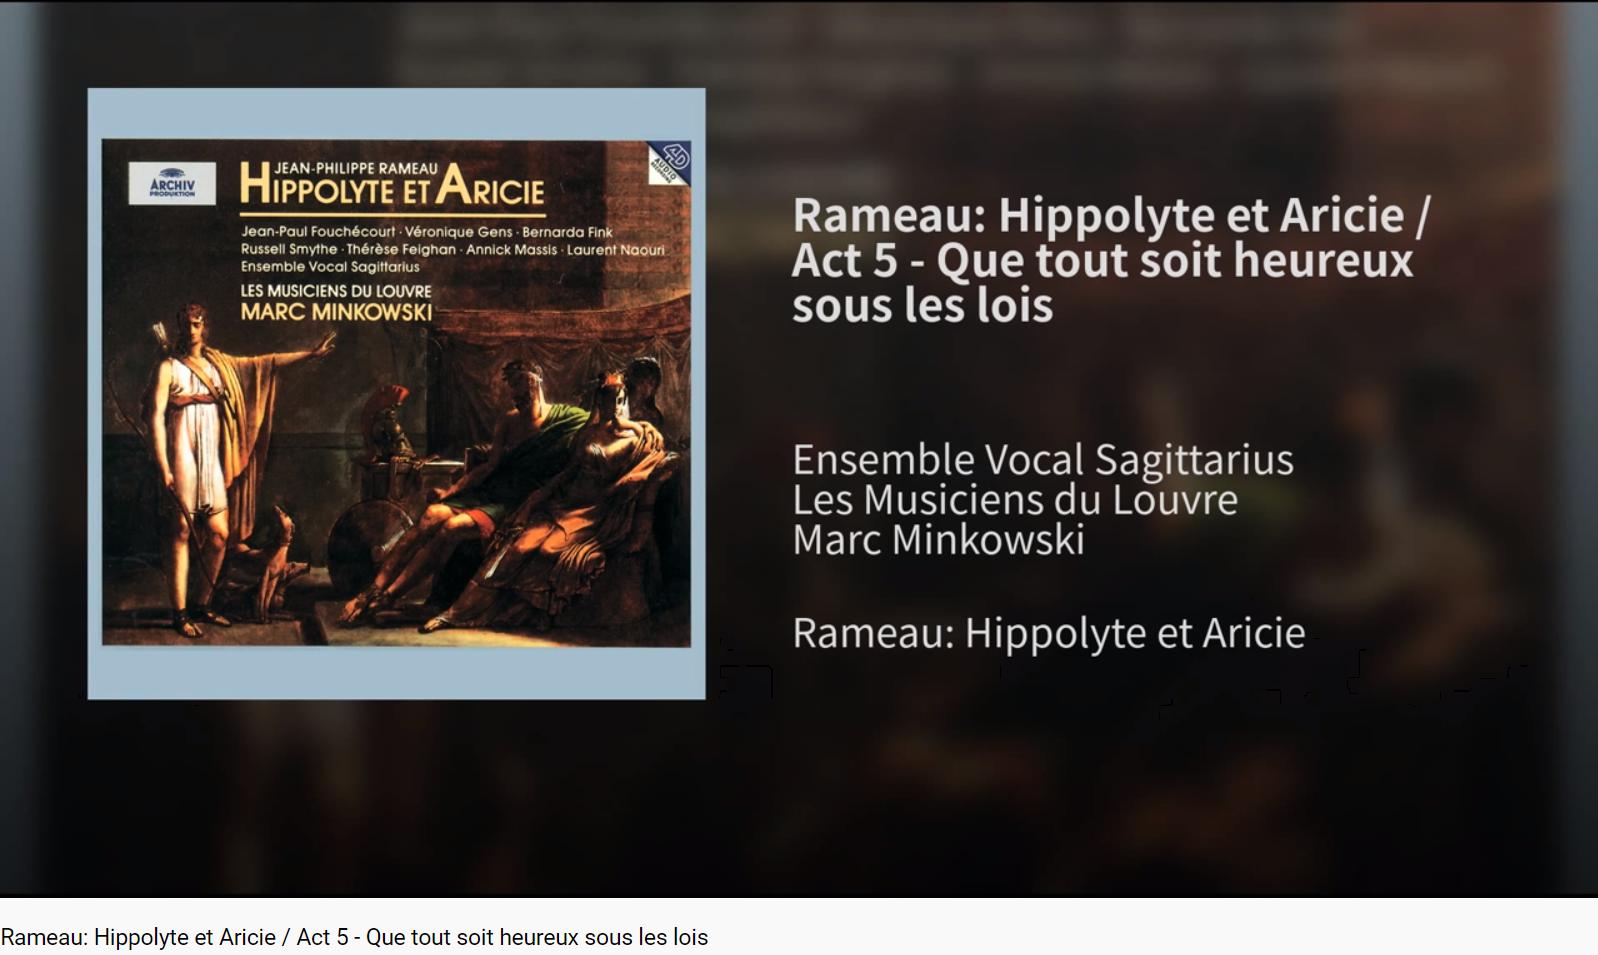 Rameau Hippolyte et Aricie Que tout soit heureux sous les lois (Diane)